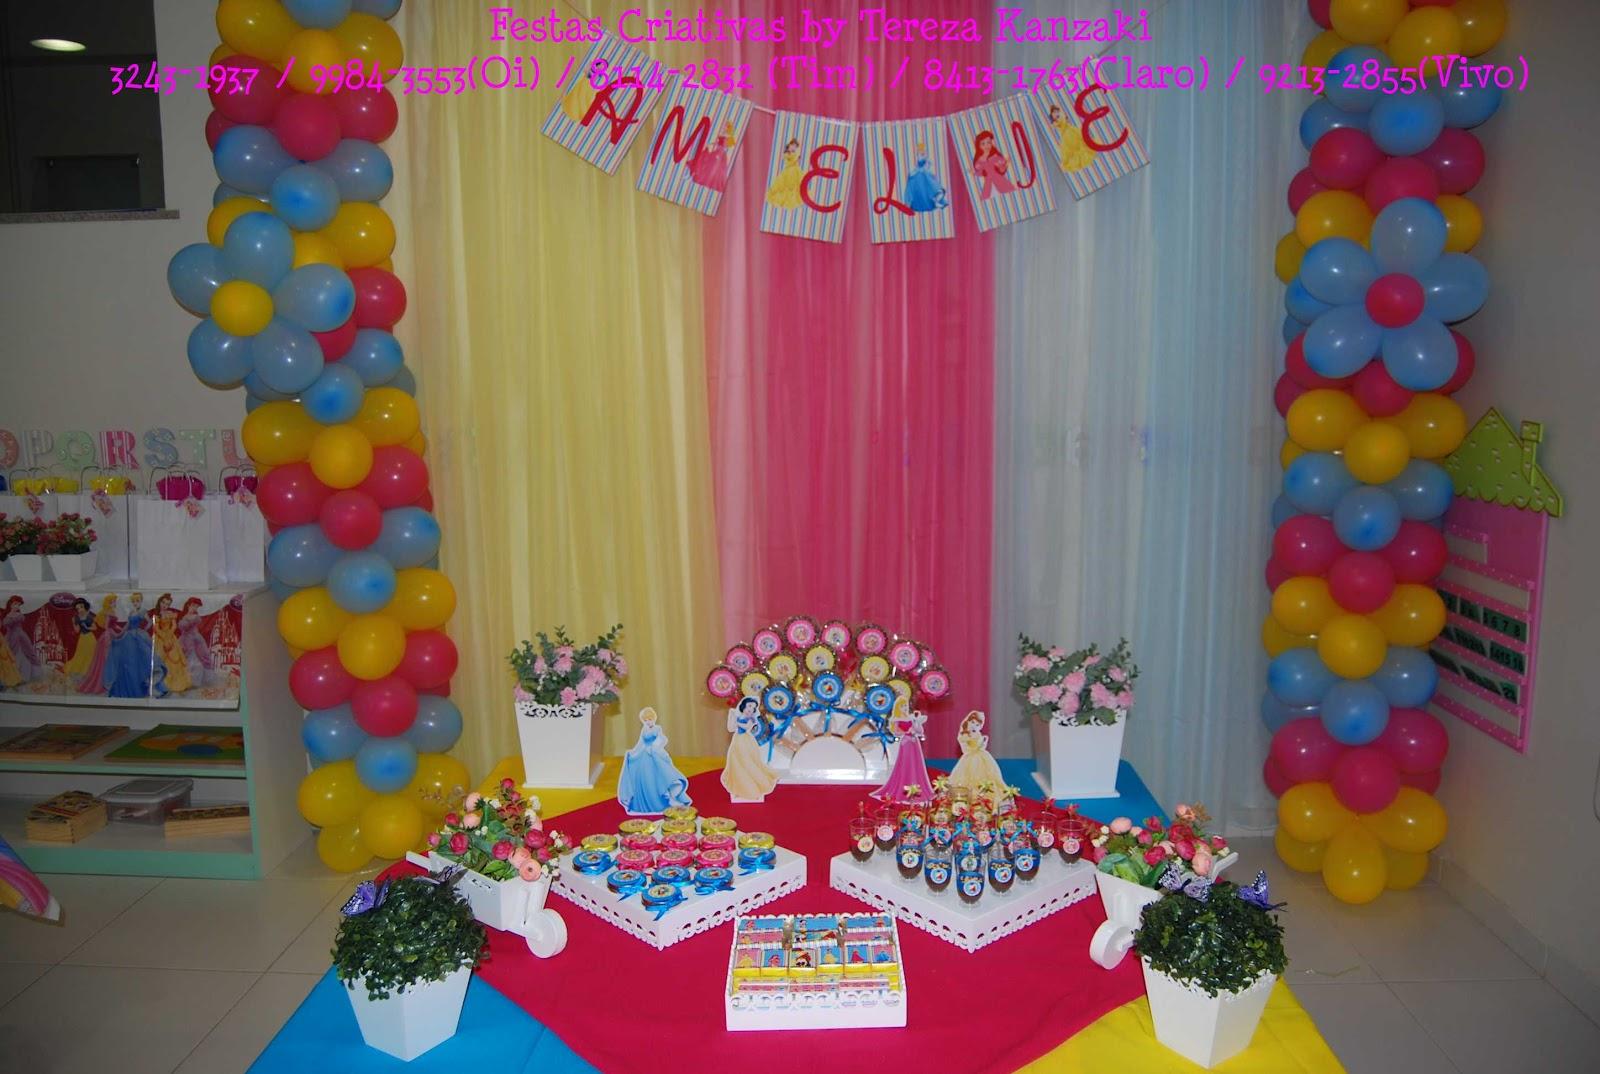 Festas Criativas by Tereza Kanzaki Princesas Disney Decoraç u00e3o e personalizados da festa de 2